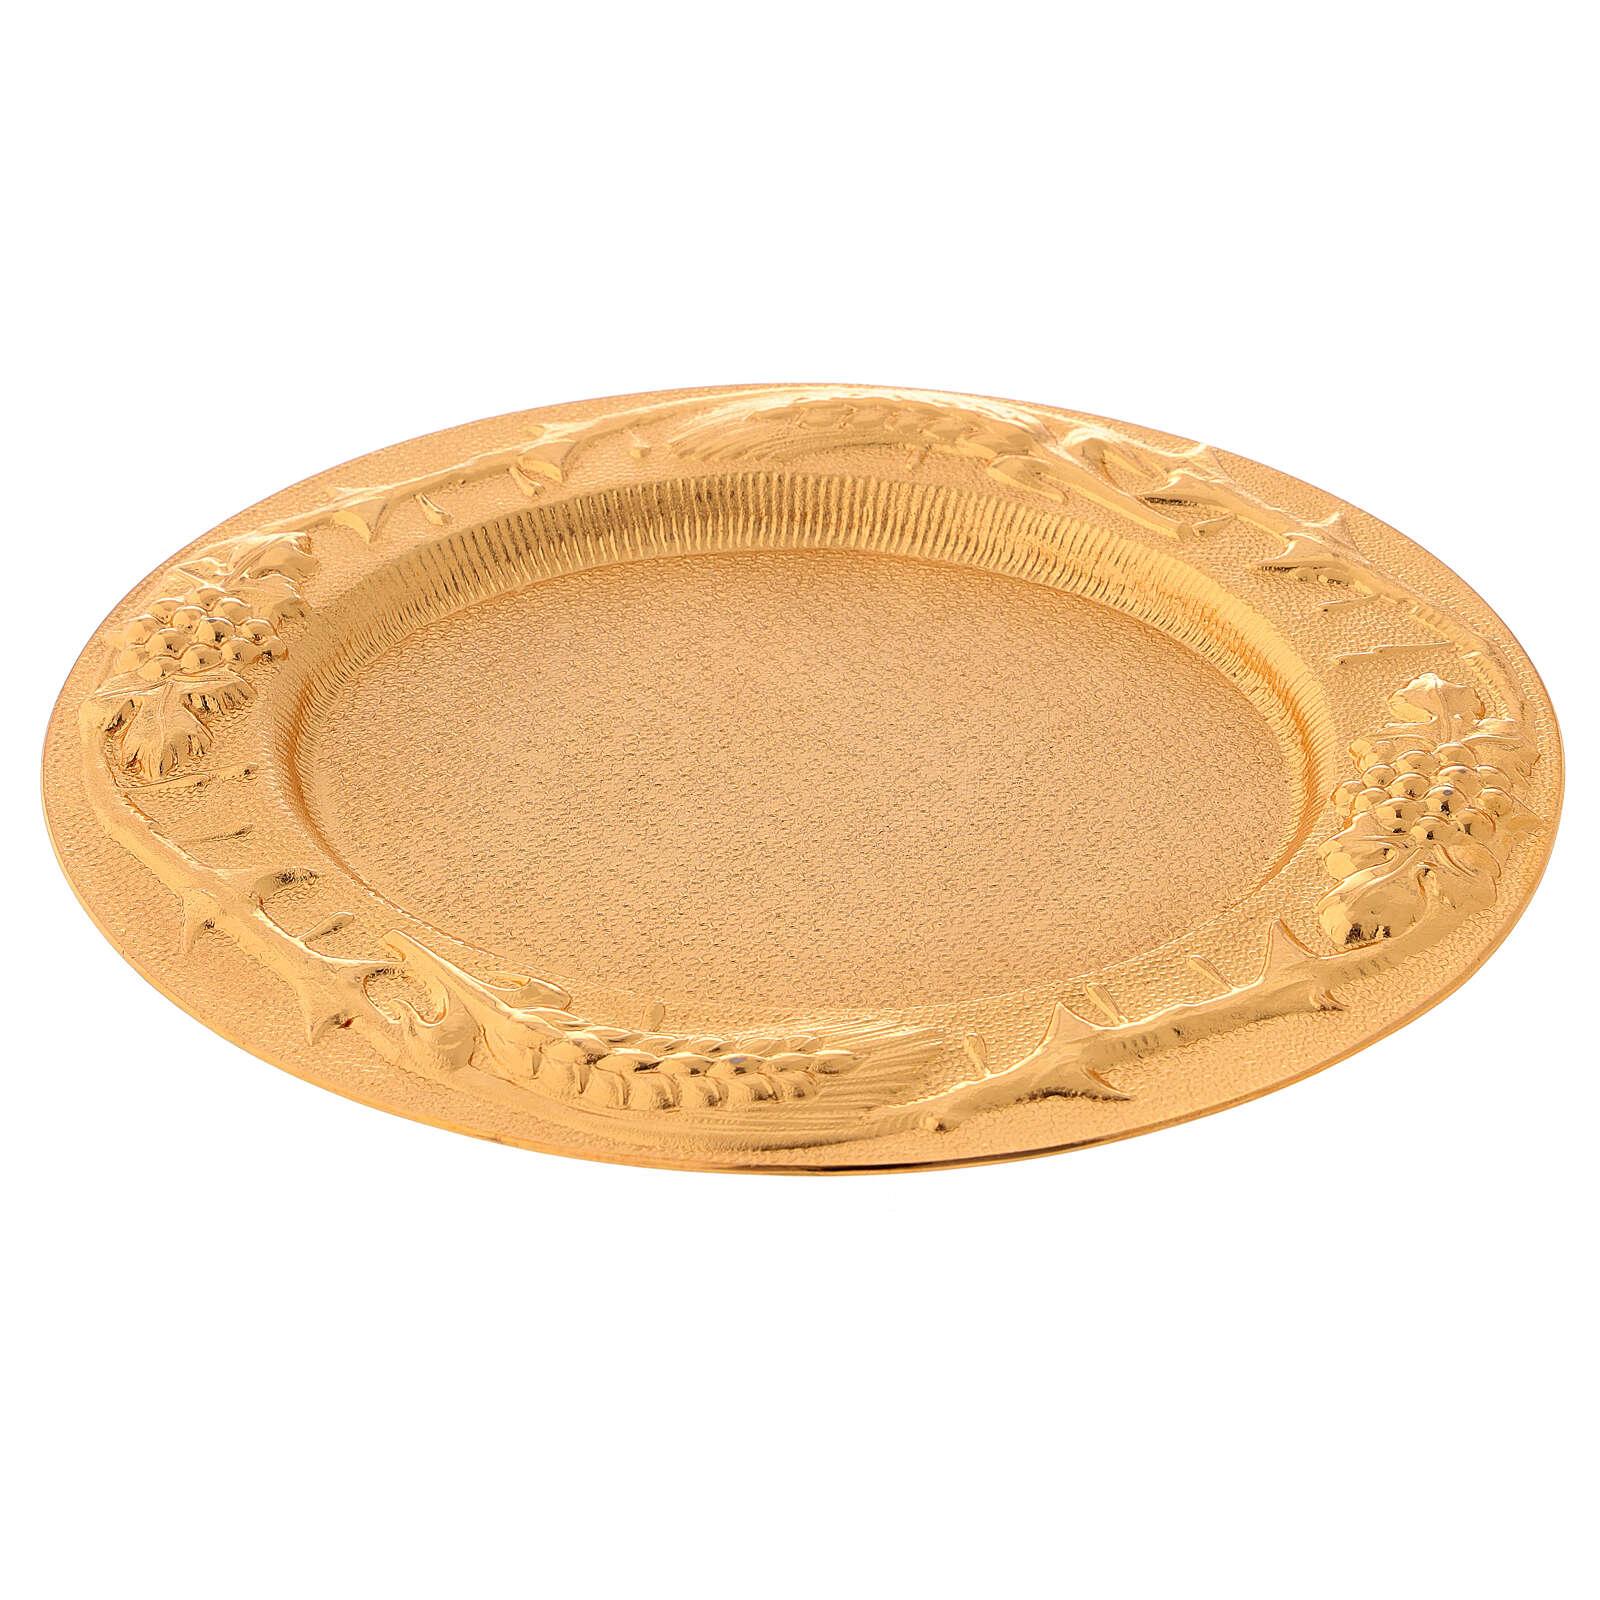 Plato comunión dorado de latón fundido 17x15 cm 3